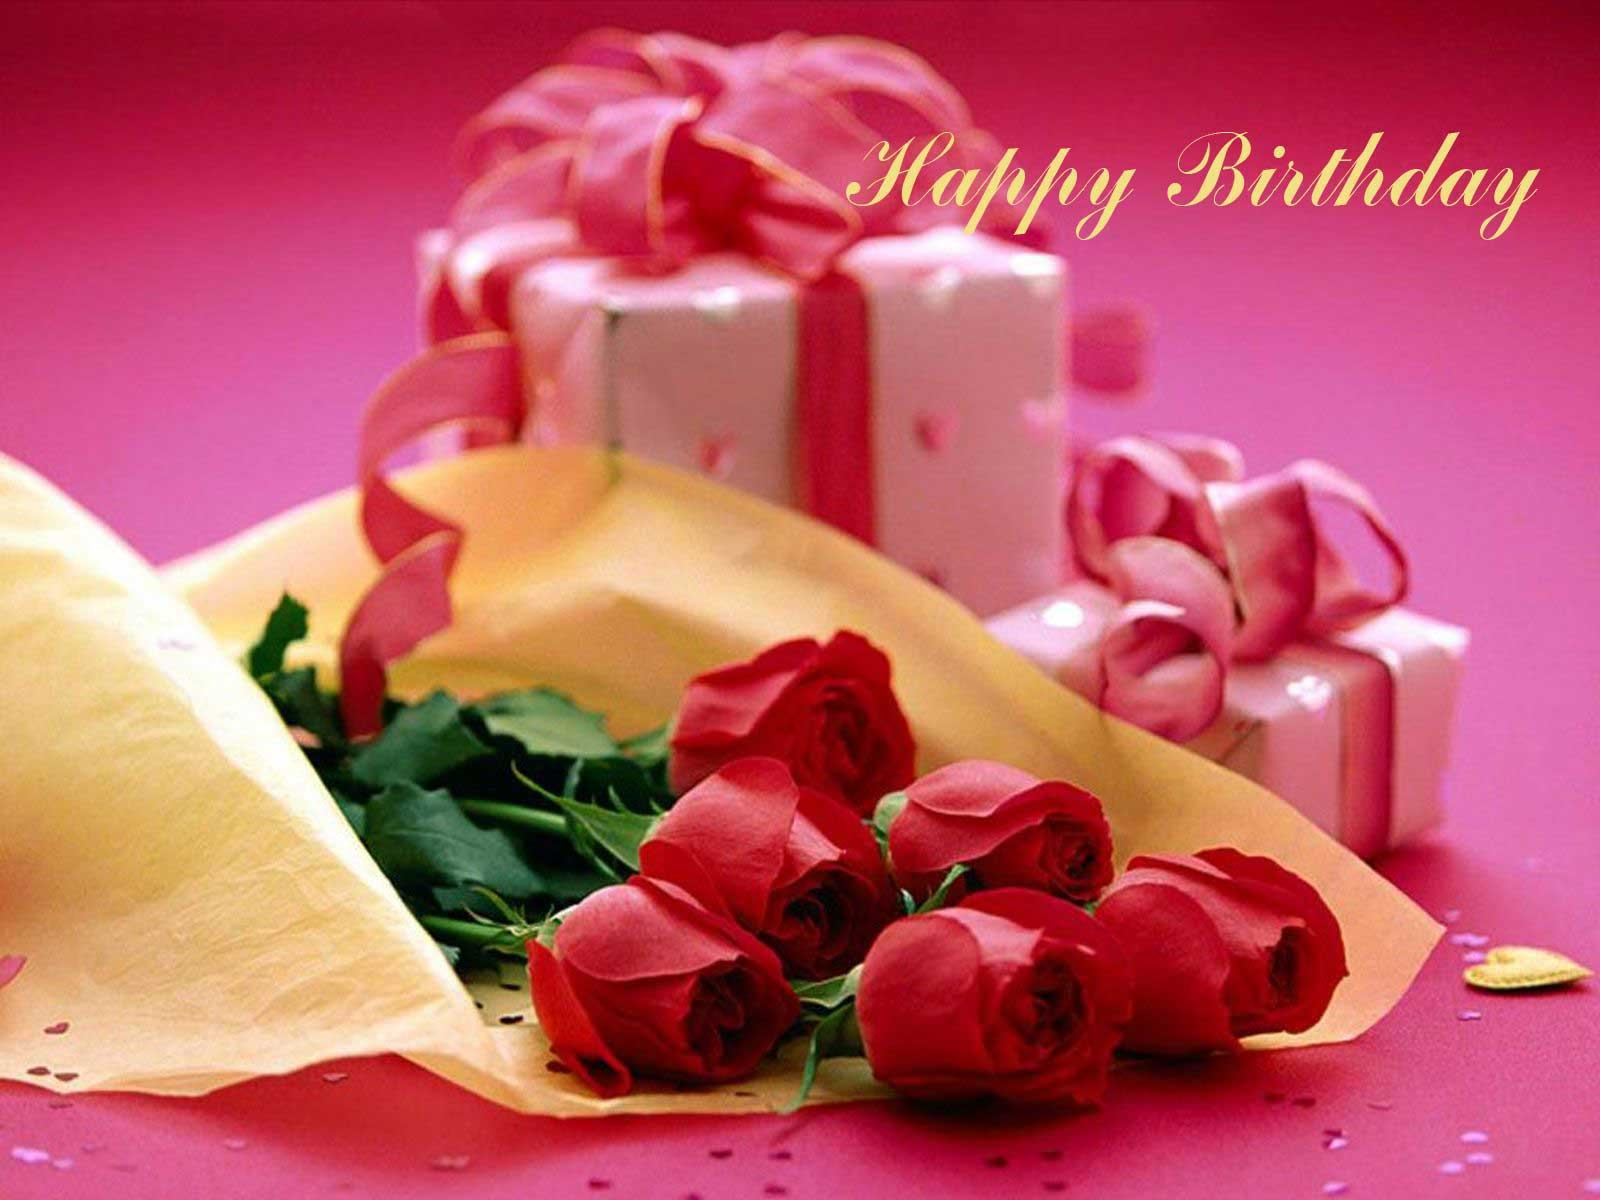 Поздравления с днём рождения женщине за 40 красивые